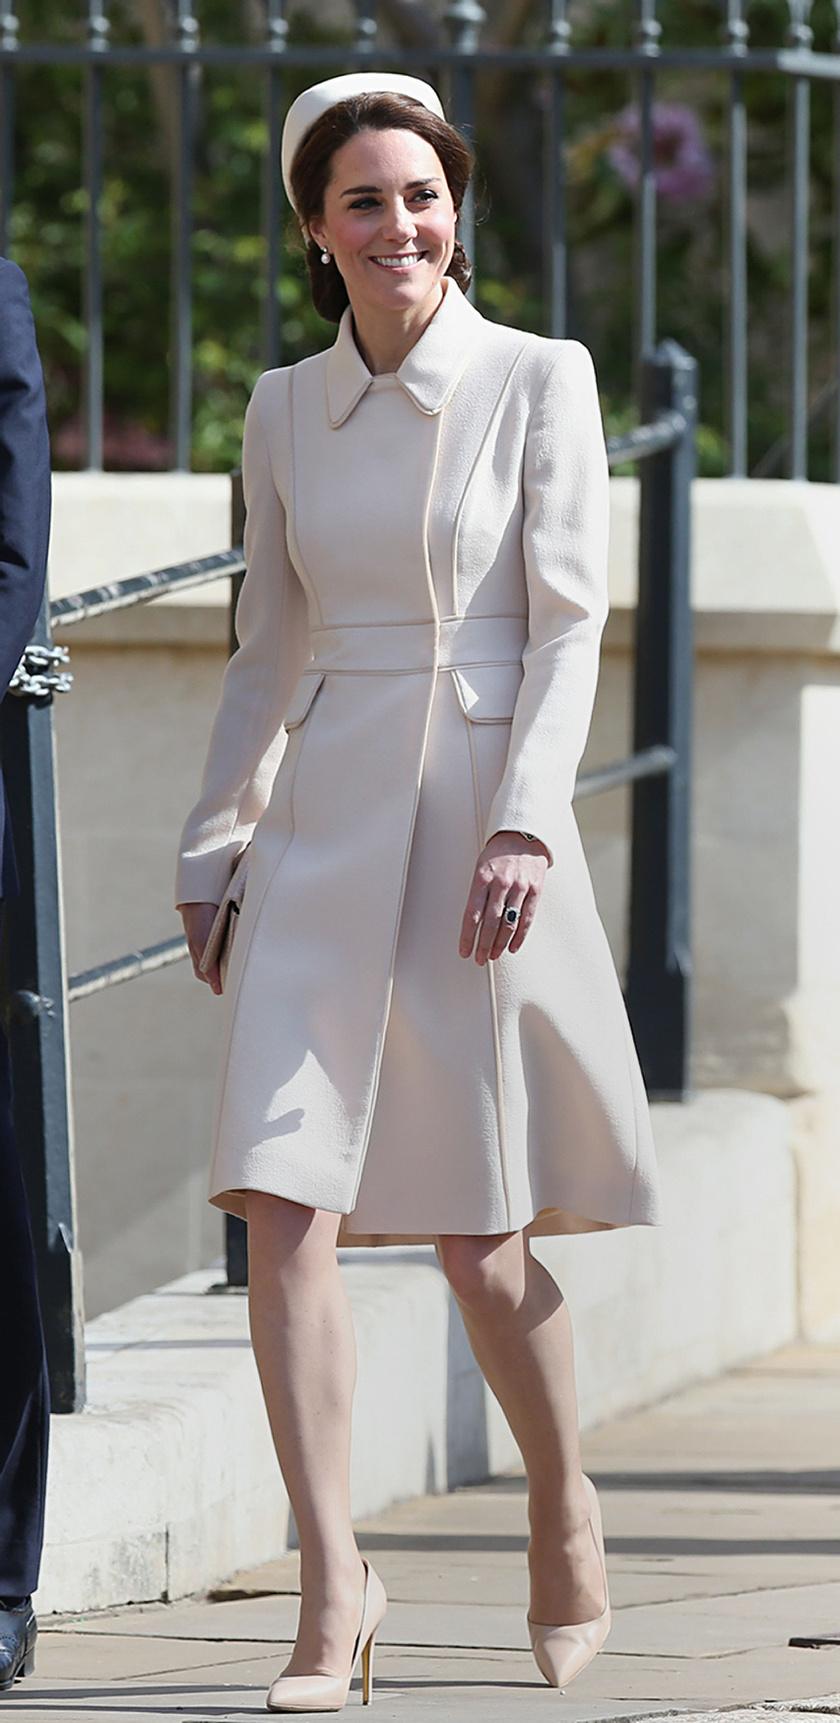 A hercegné ismét egyik kedvenc tervezőjétől választott: Catherine Walker tervezte a kabátruháját.